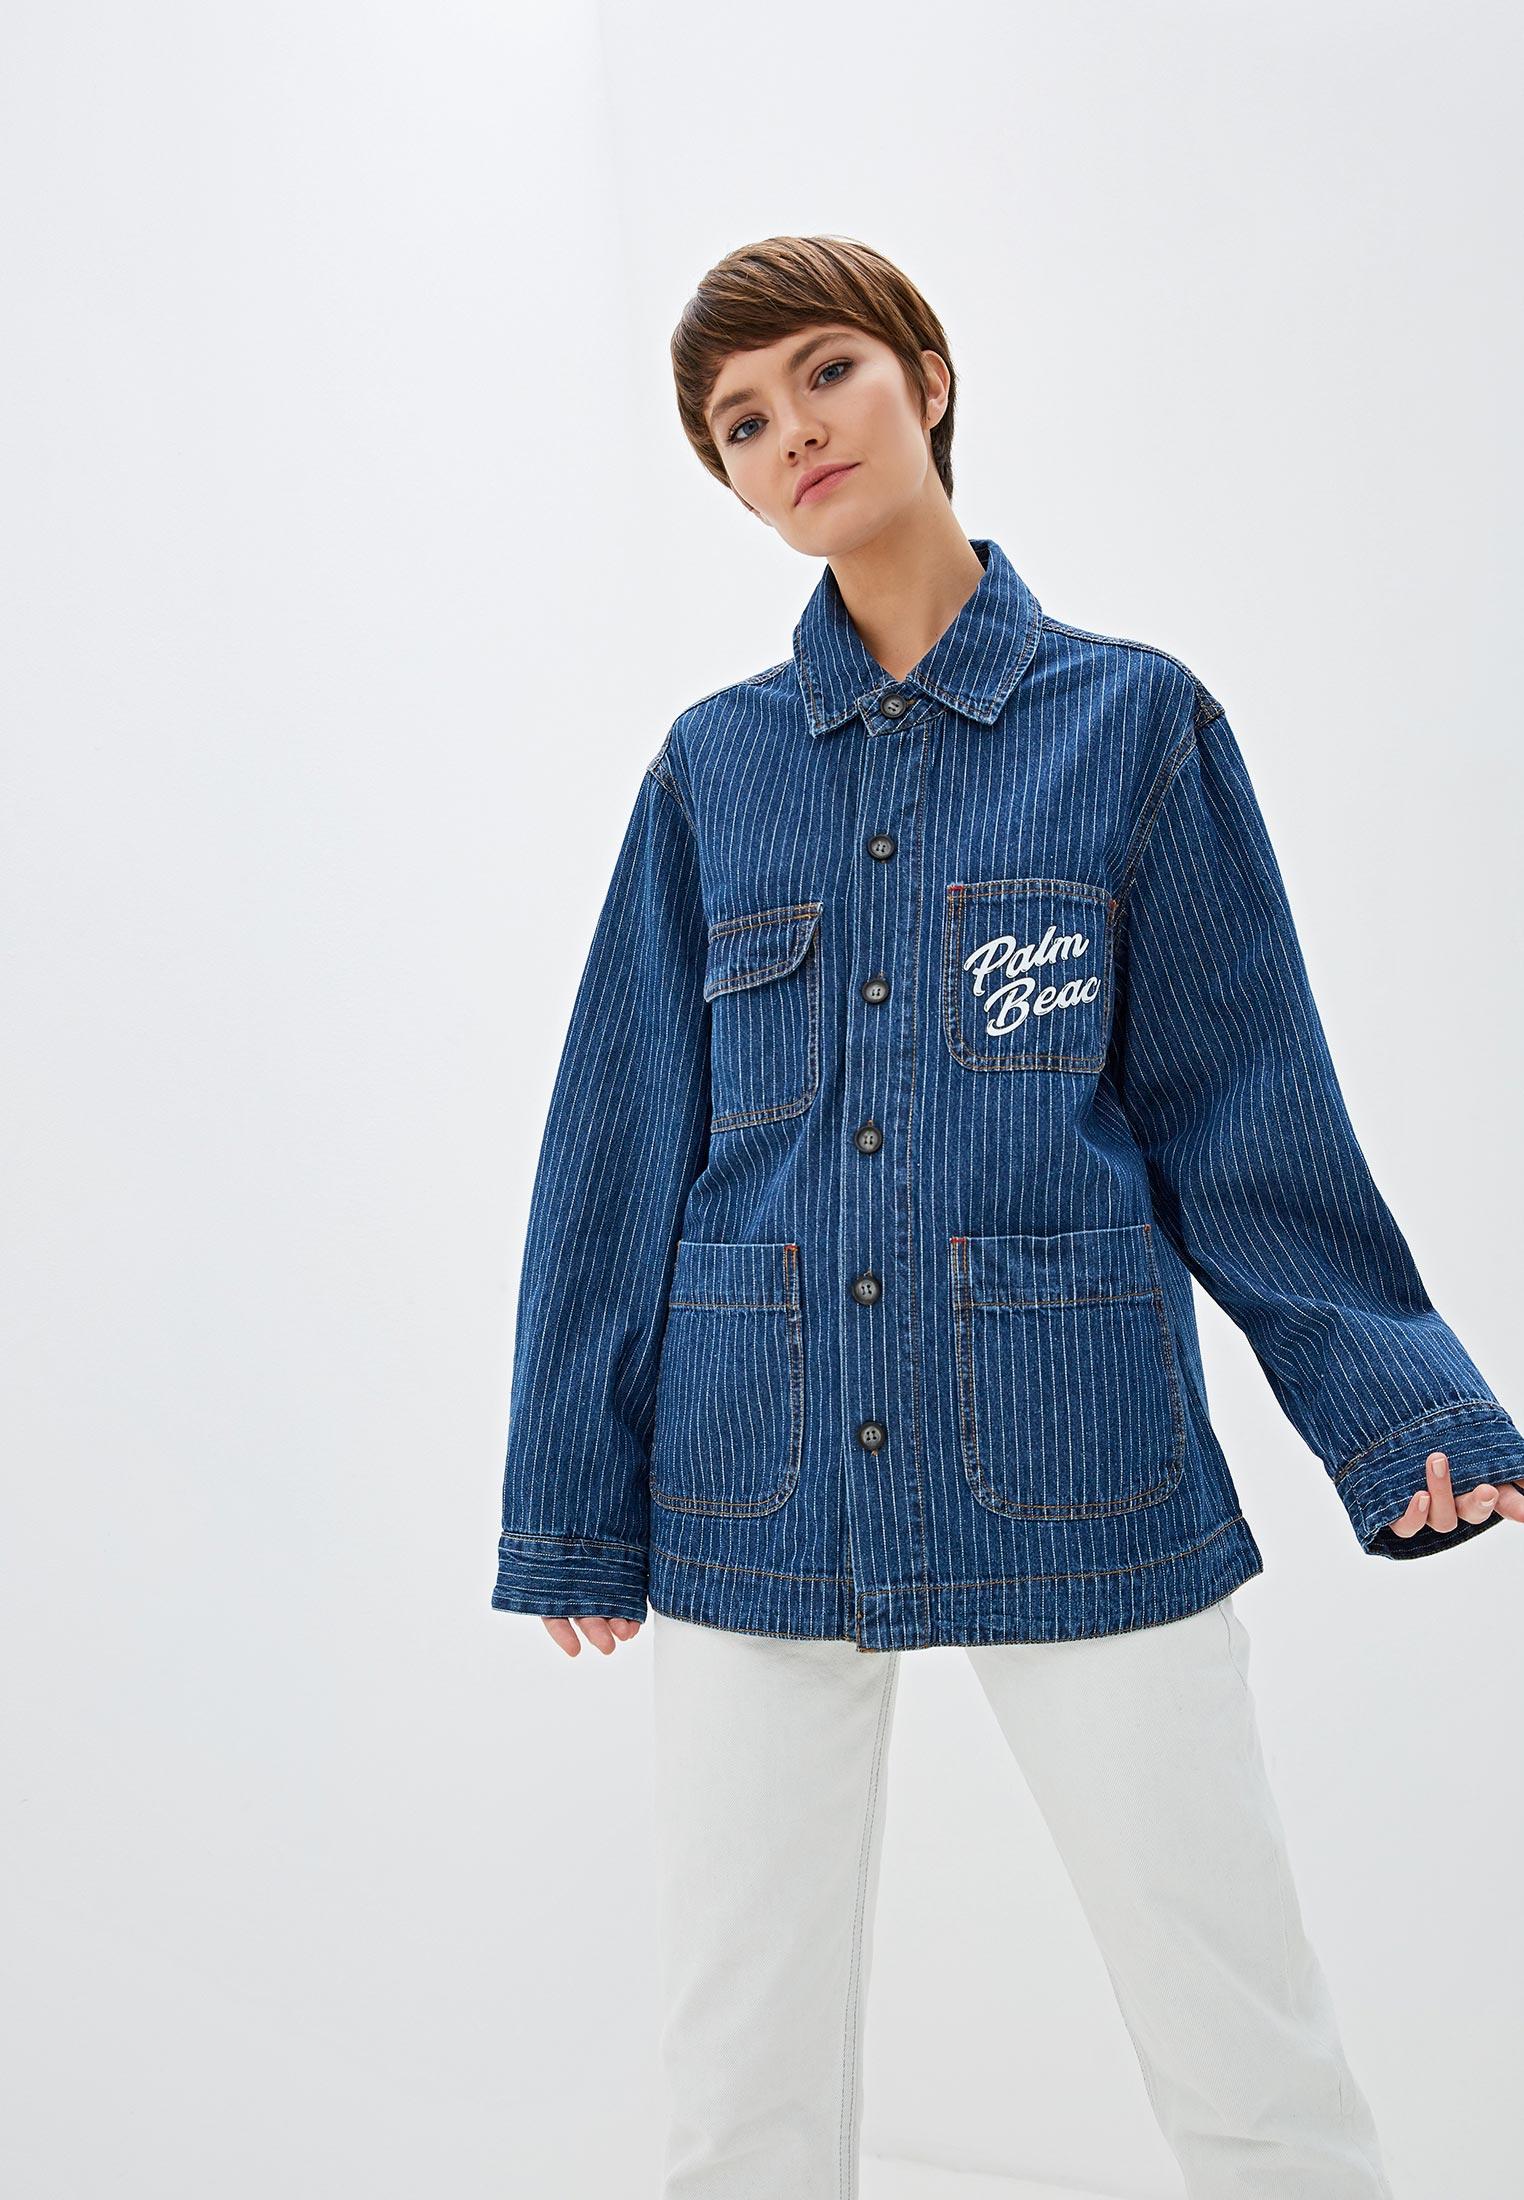 Джинсовая куртка One Teaspoon (Вантиспун) 22035